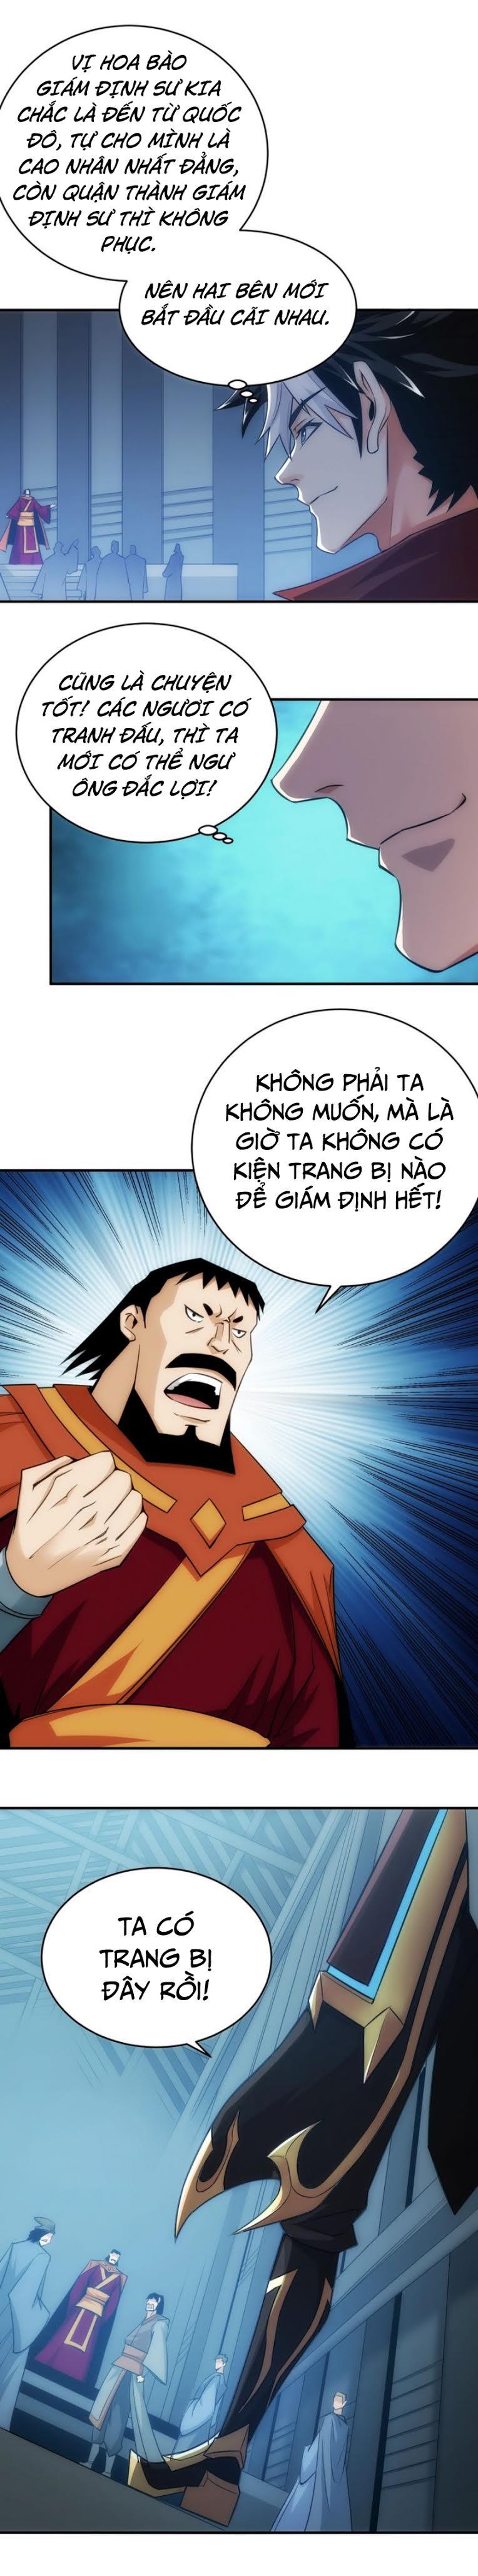 Rich Player - Người Chơi Khắc Kim Chapter 43 video - Hamtruyen.vn